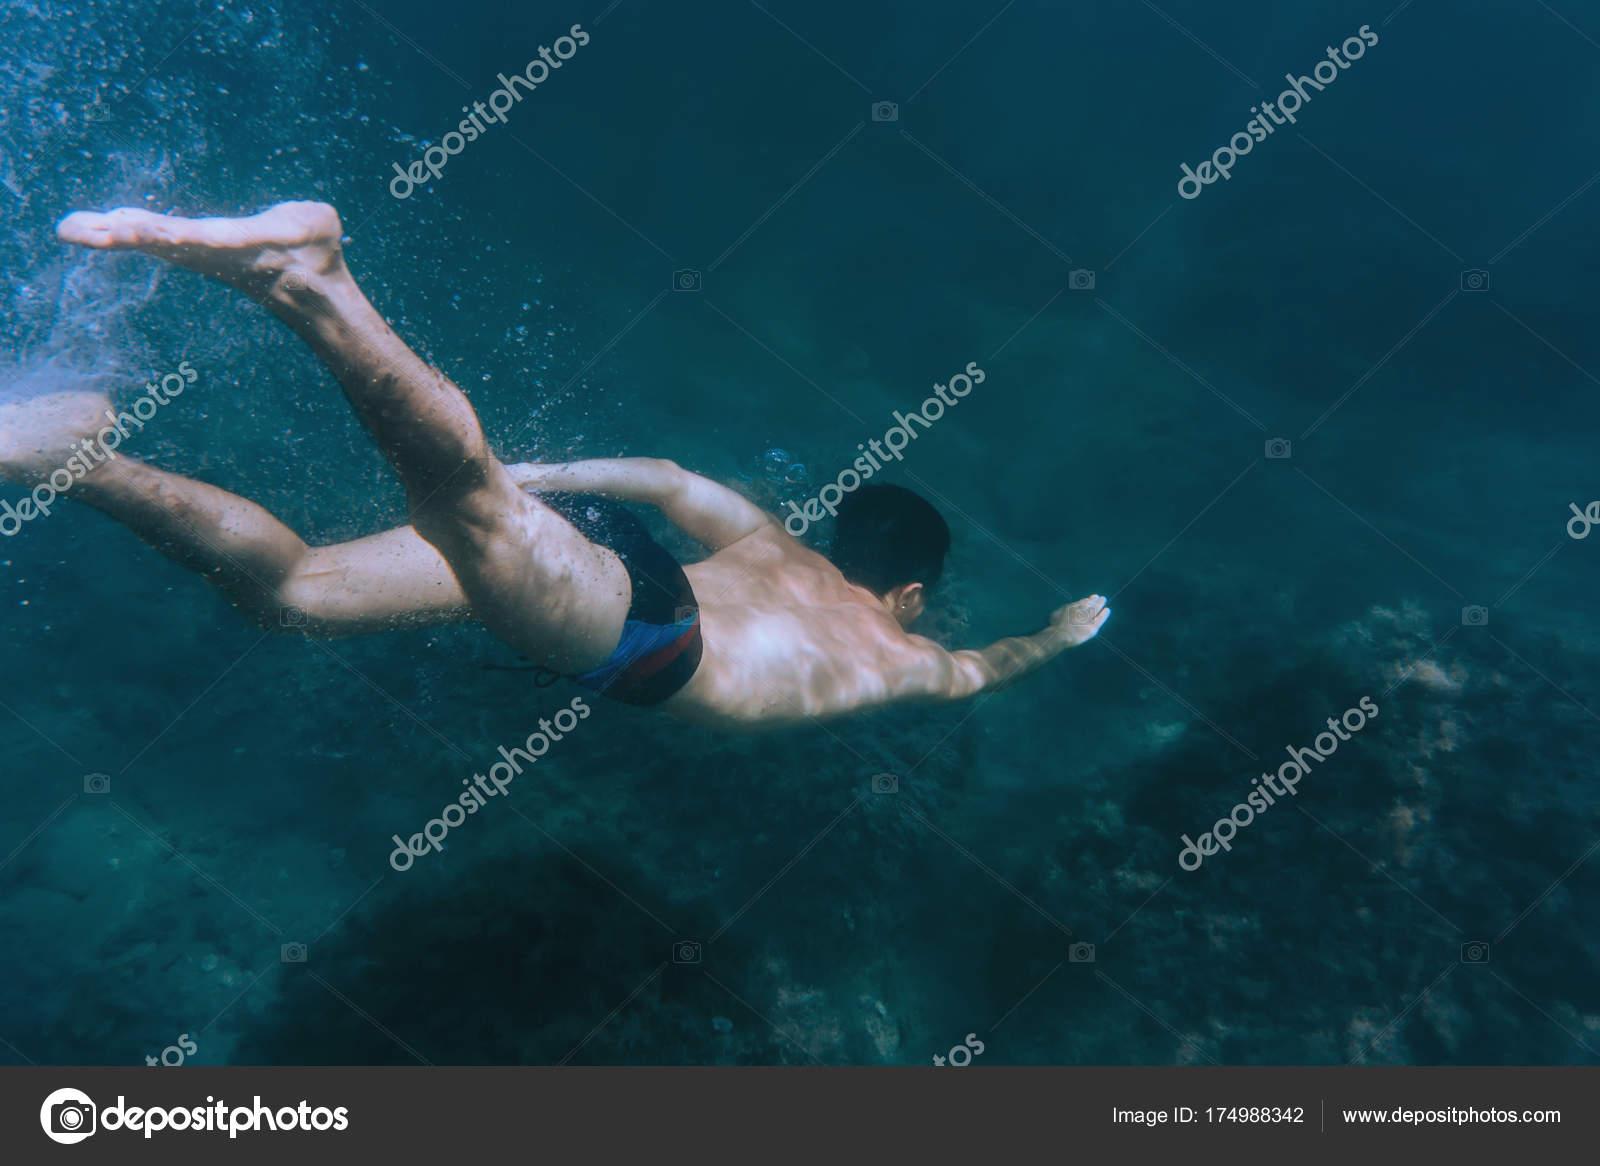 4c2e58561 Homem mergulhar no fundo do mar — Stock Photo © Remains  174988342